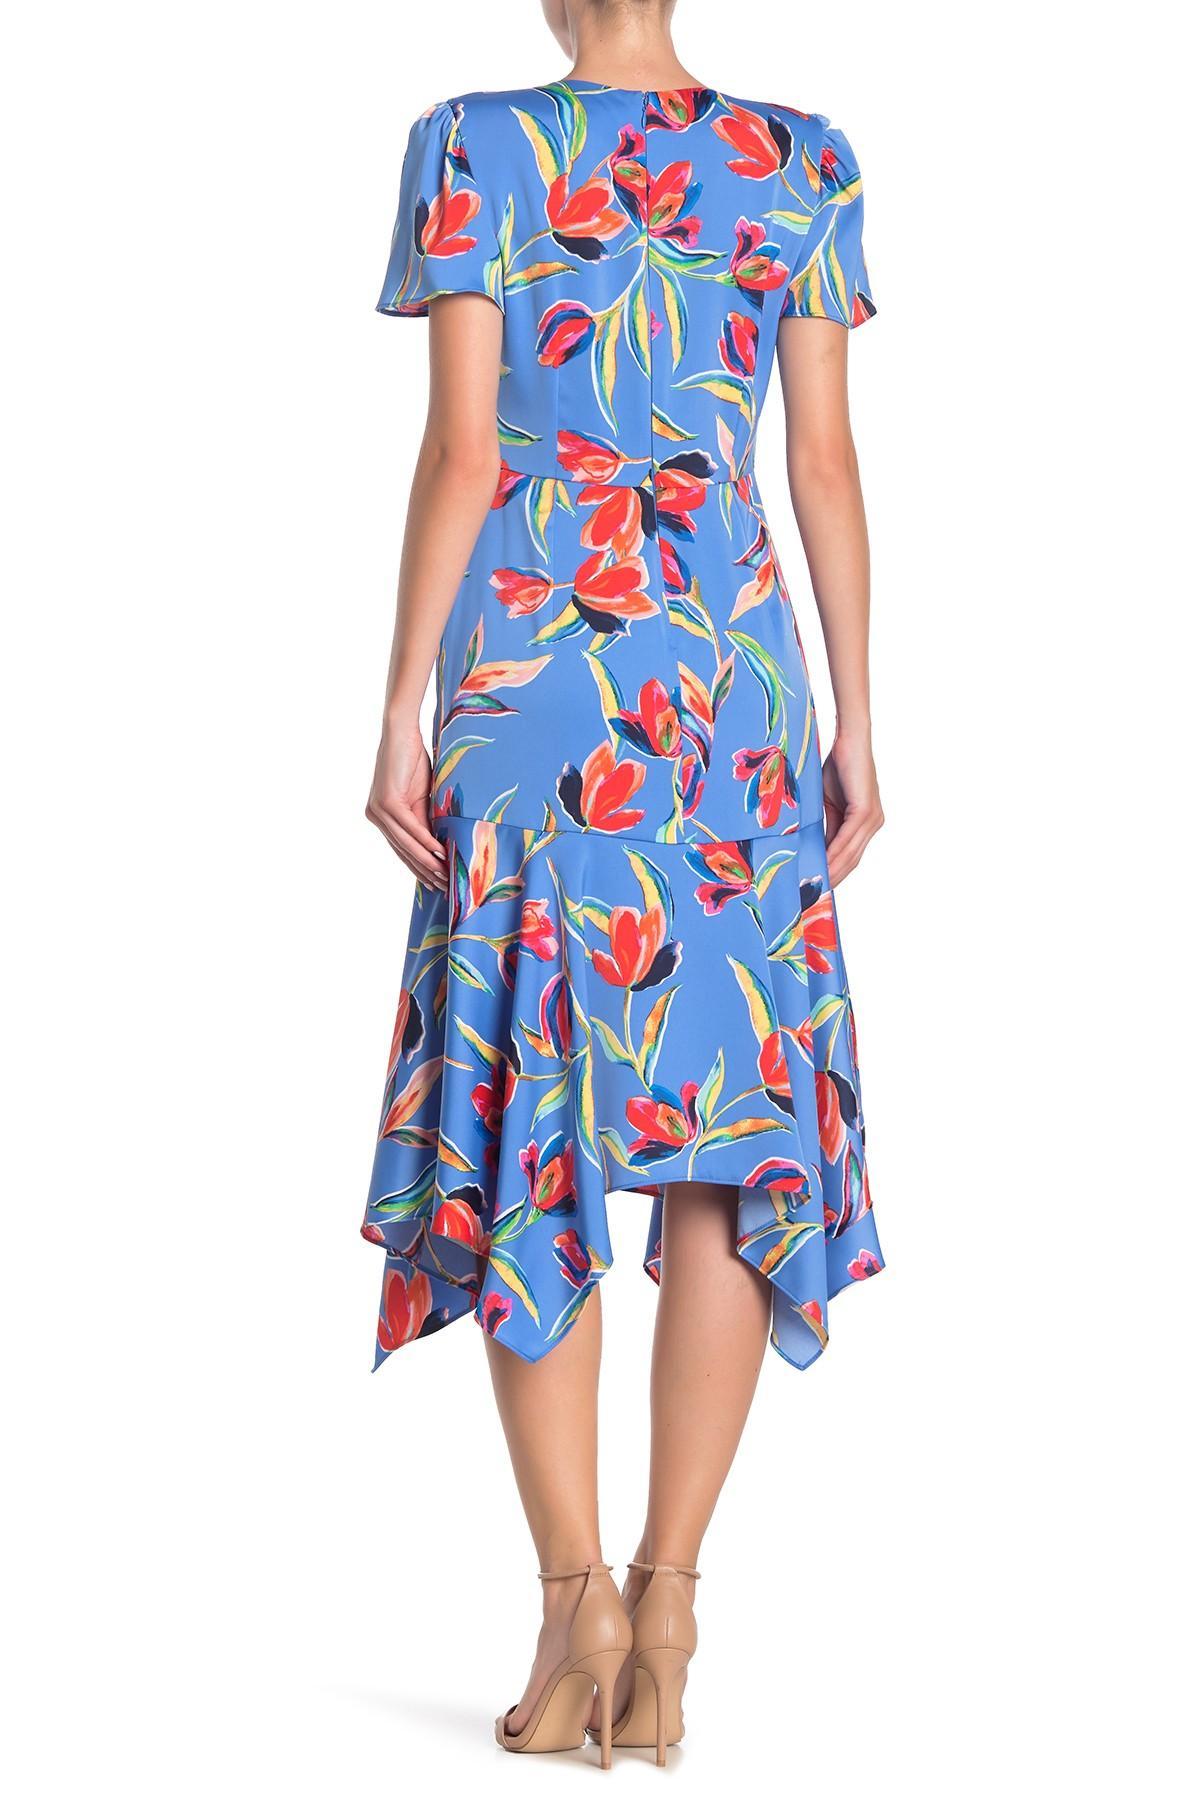 bd137ea44 Maggy London Happy Tulip Hanky Hem Dress in Blue - Lyst